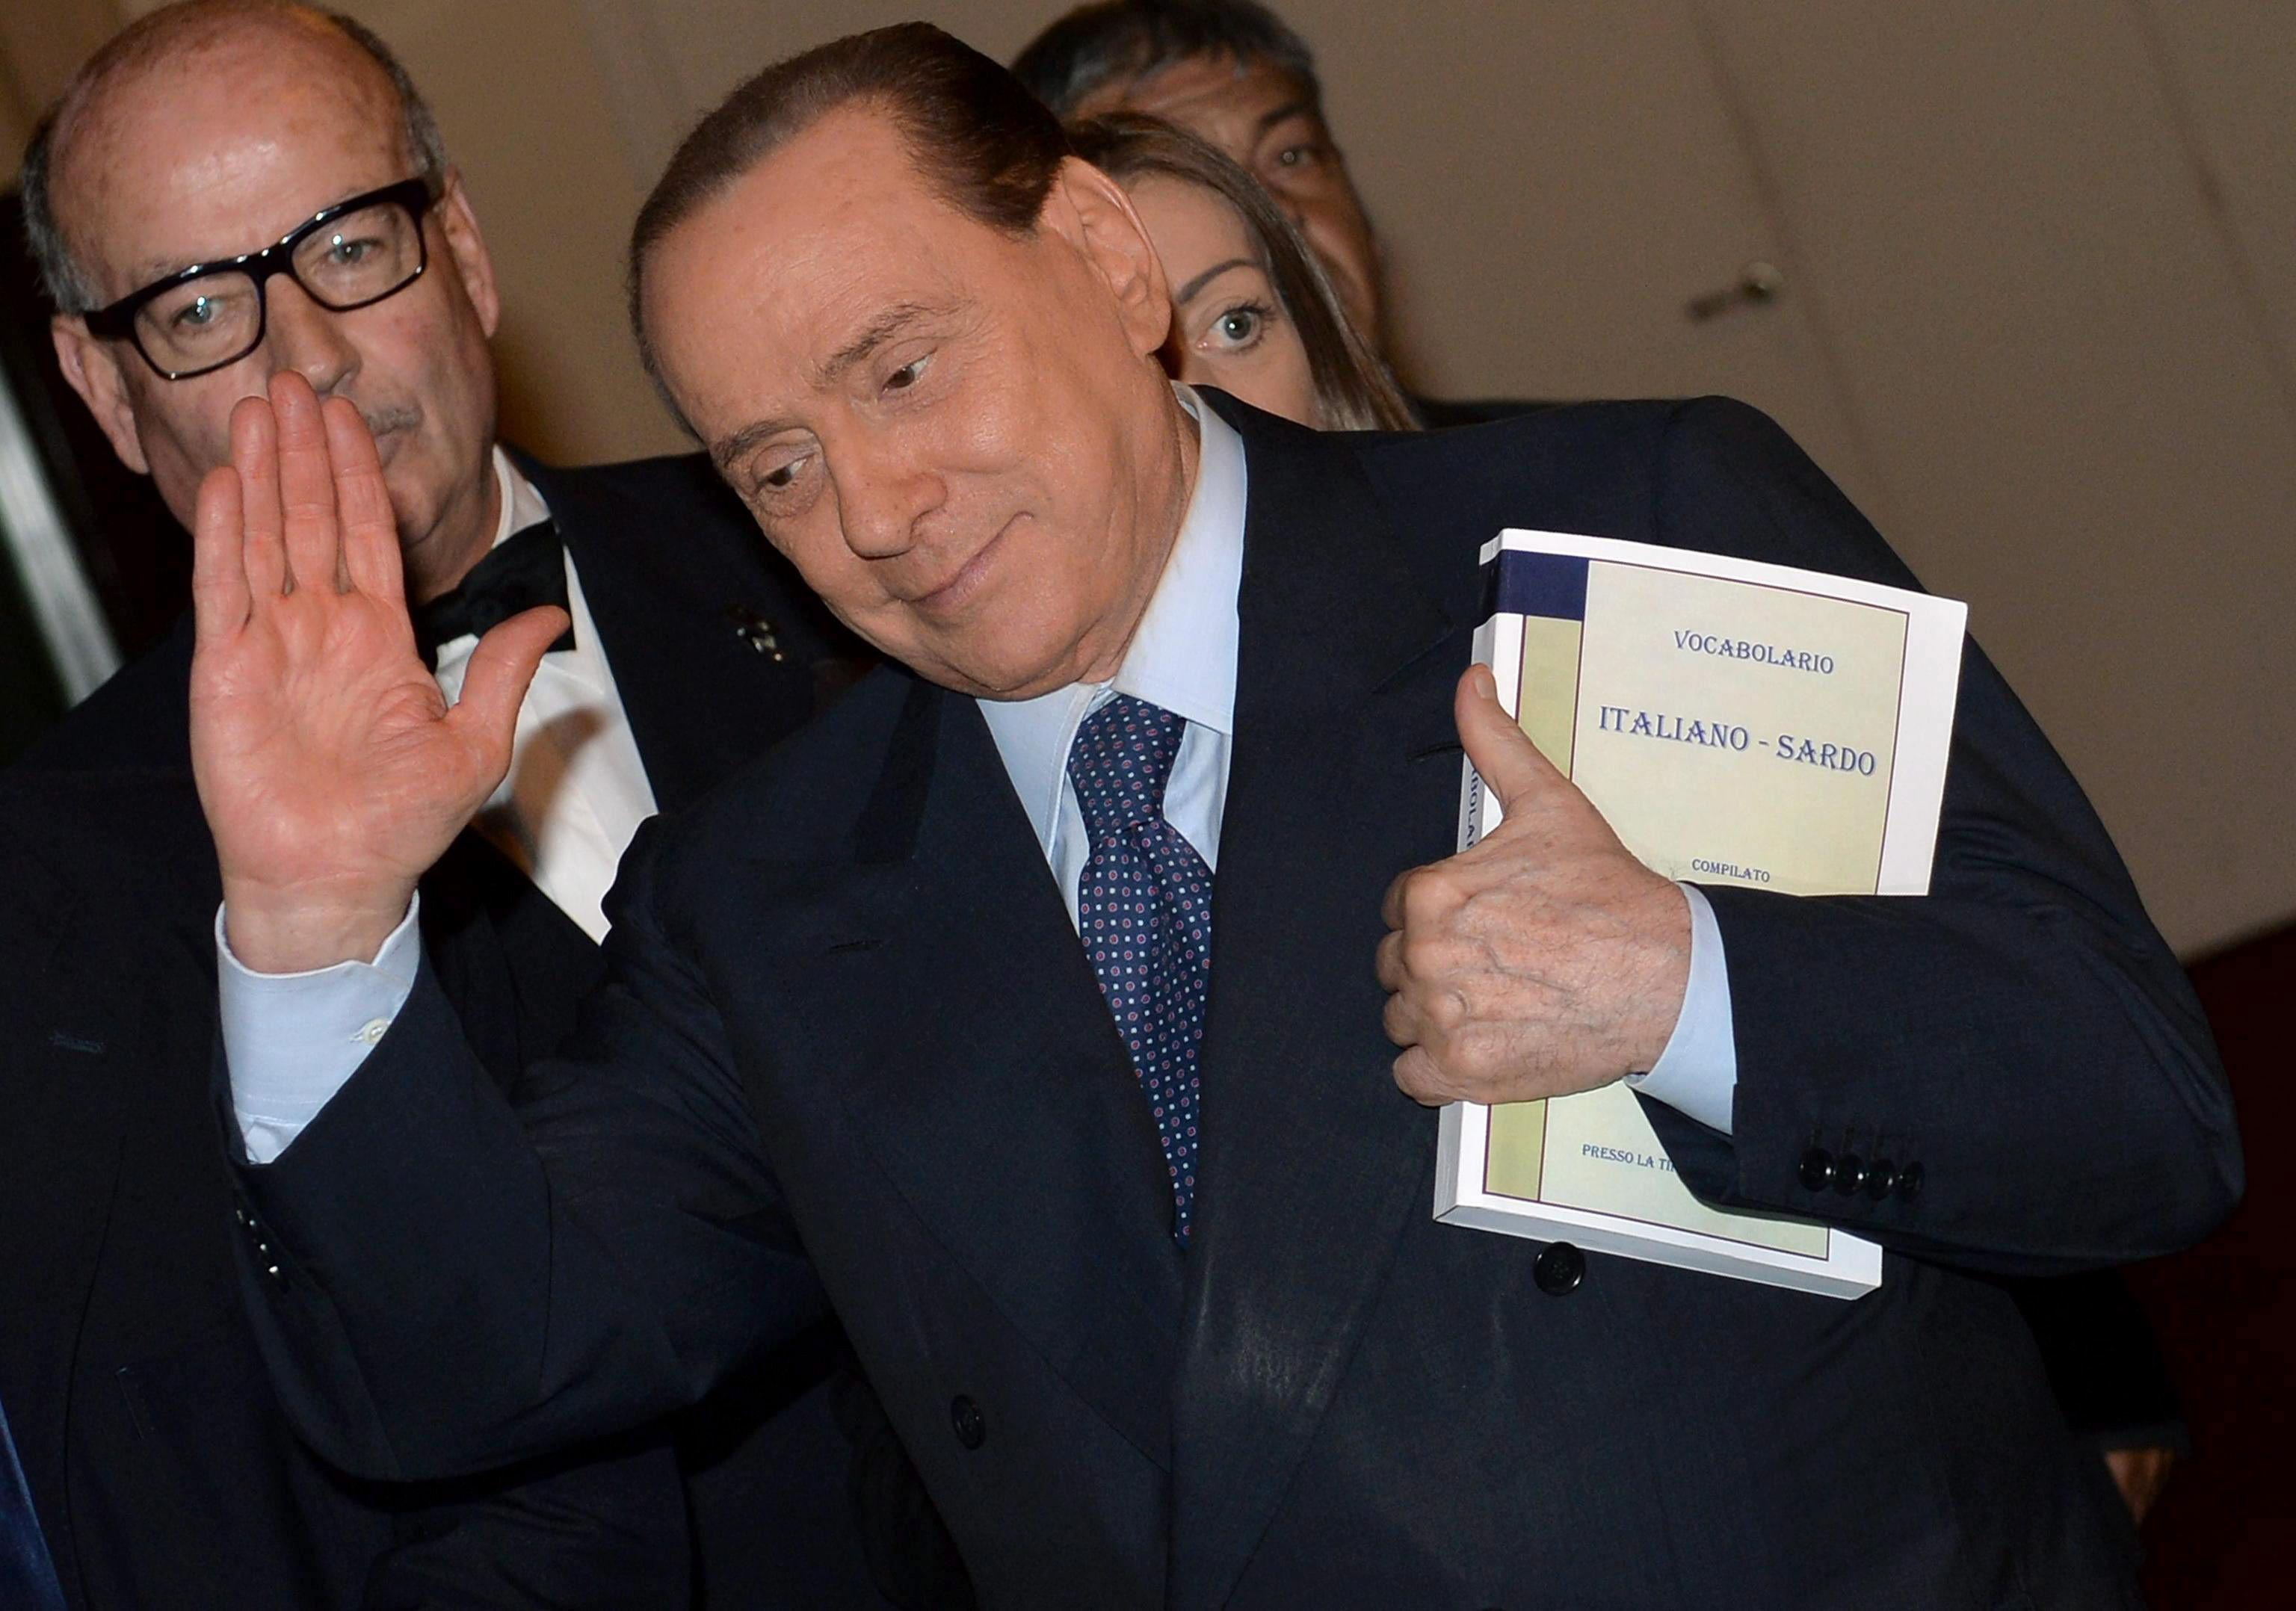 Berlusconi reaparece en un mitin y desmiente divergencias en Forza Italia